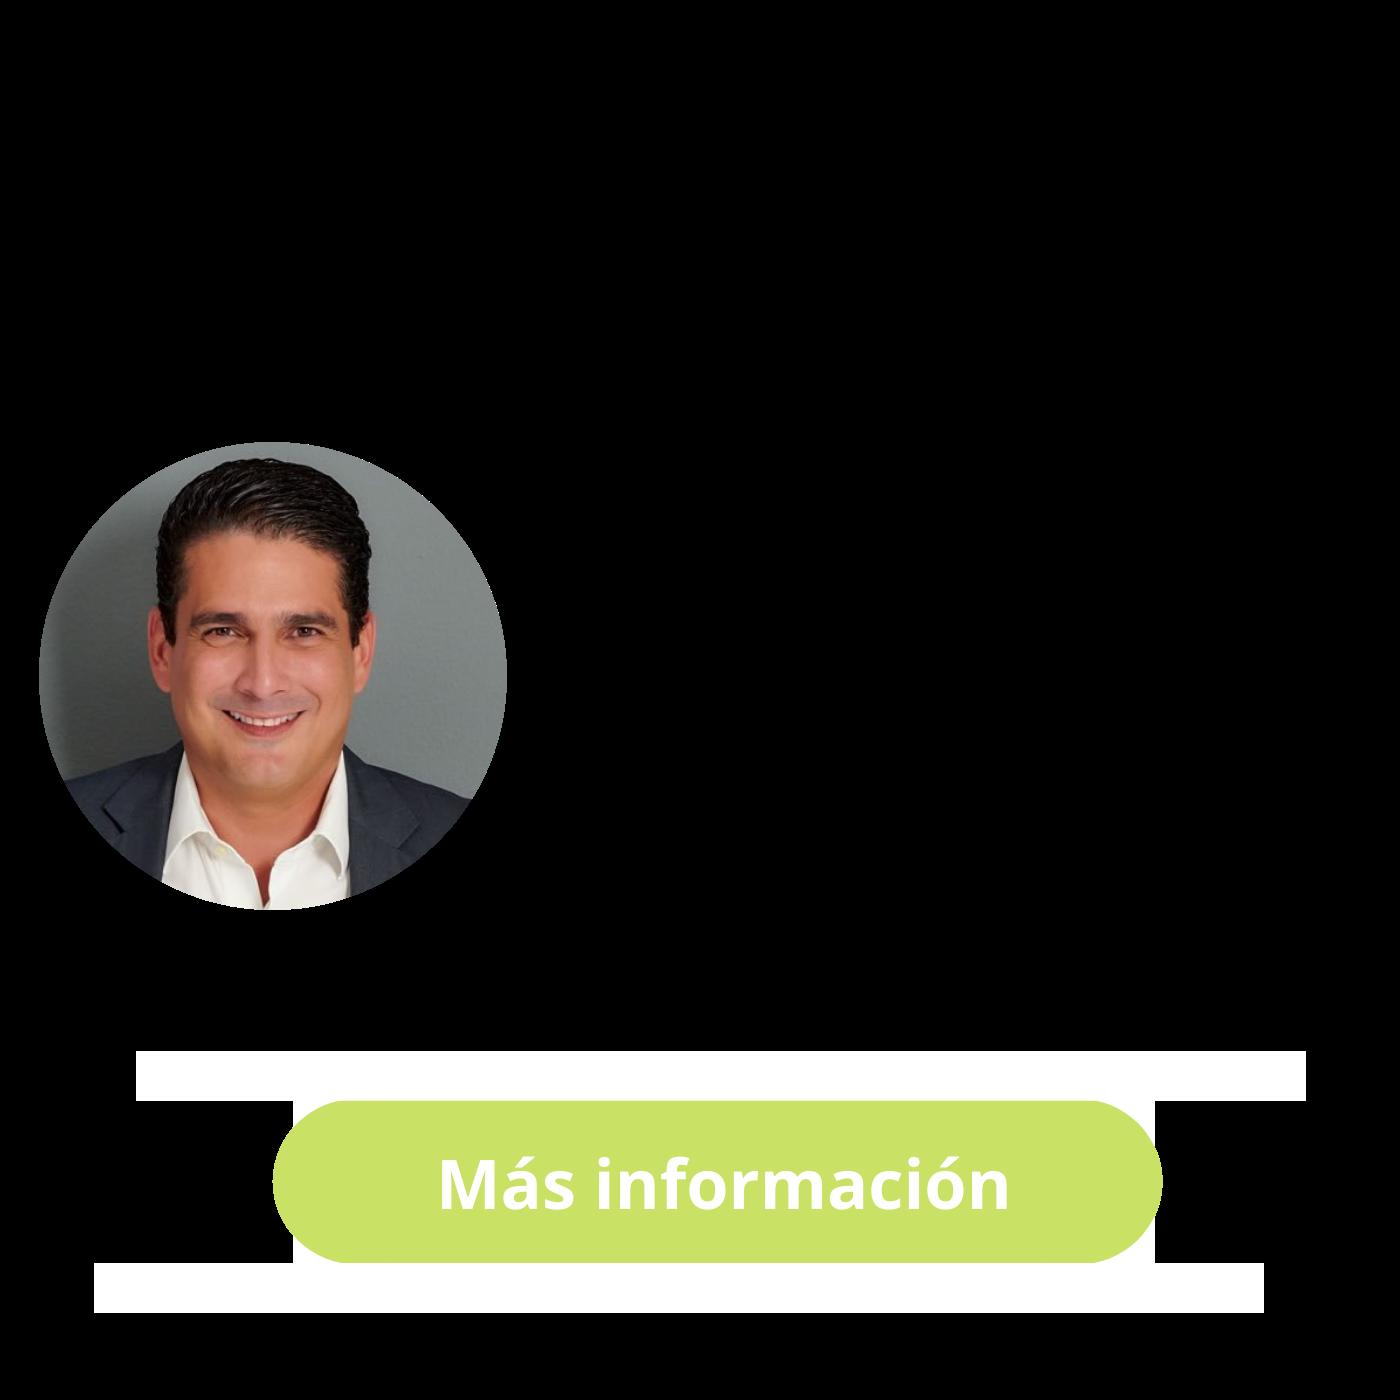 La Gestión Central Del Agua Y Las Soluciones Locales. Newsletter. Infografía. Roberto d'Aubuisson. 2021